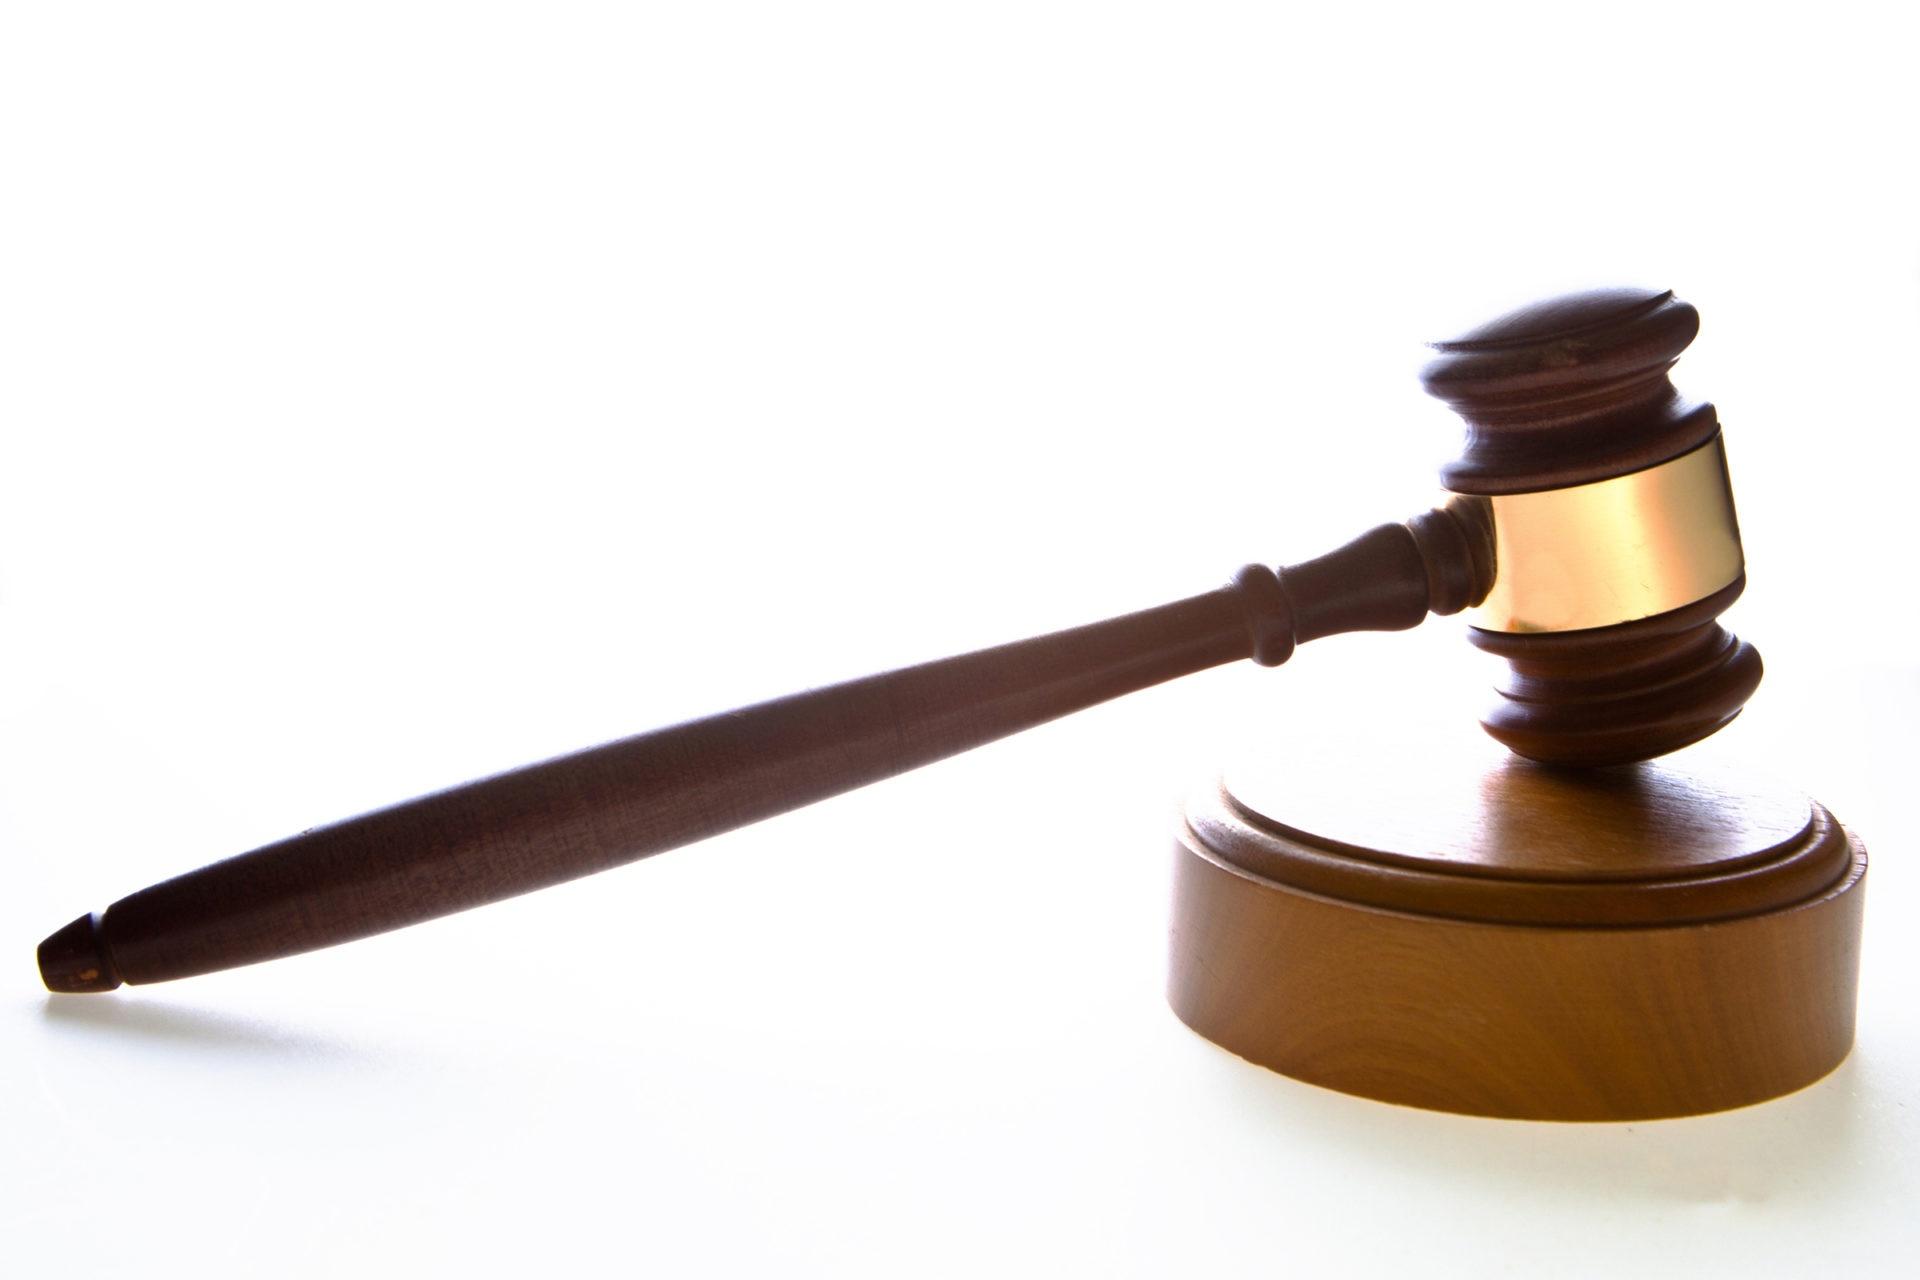 Imagen de LEY subasta juicio asuntos sociales recurso, judicial